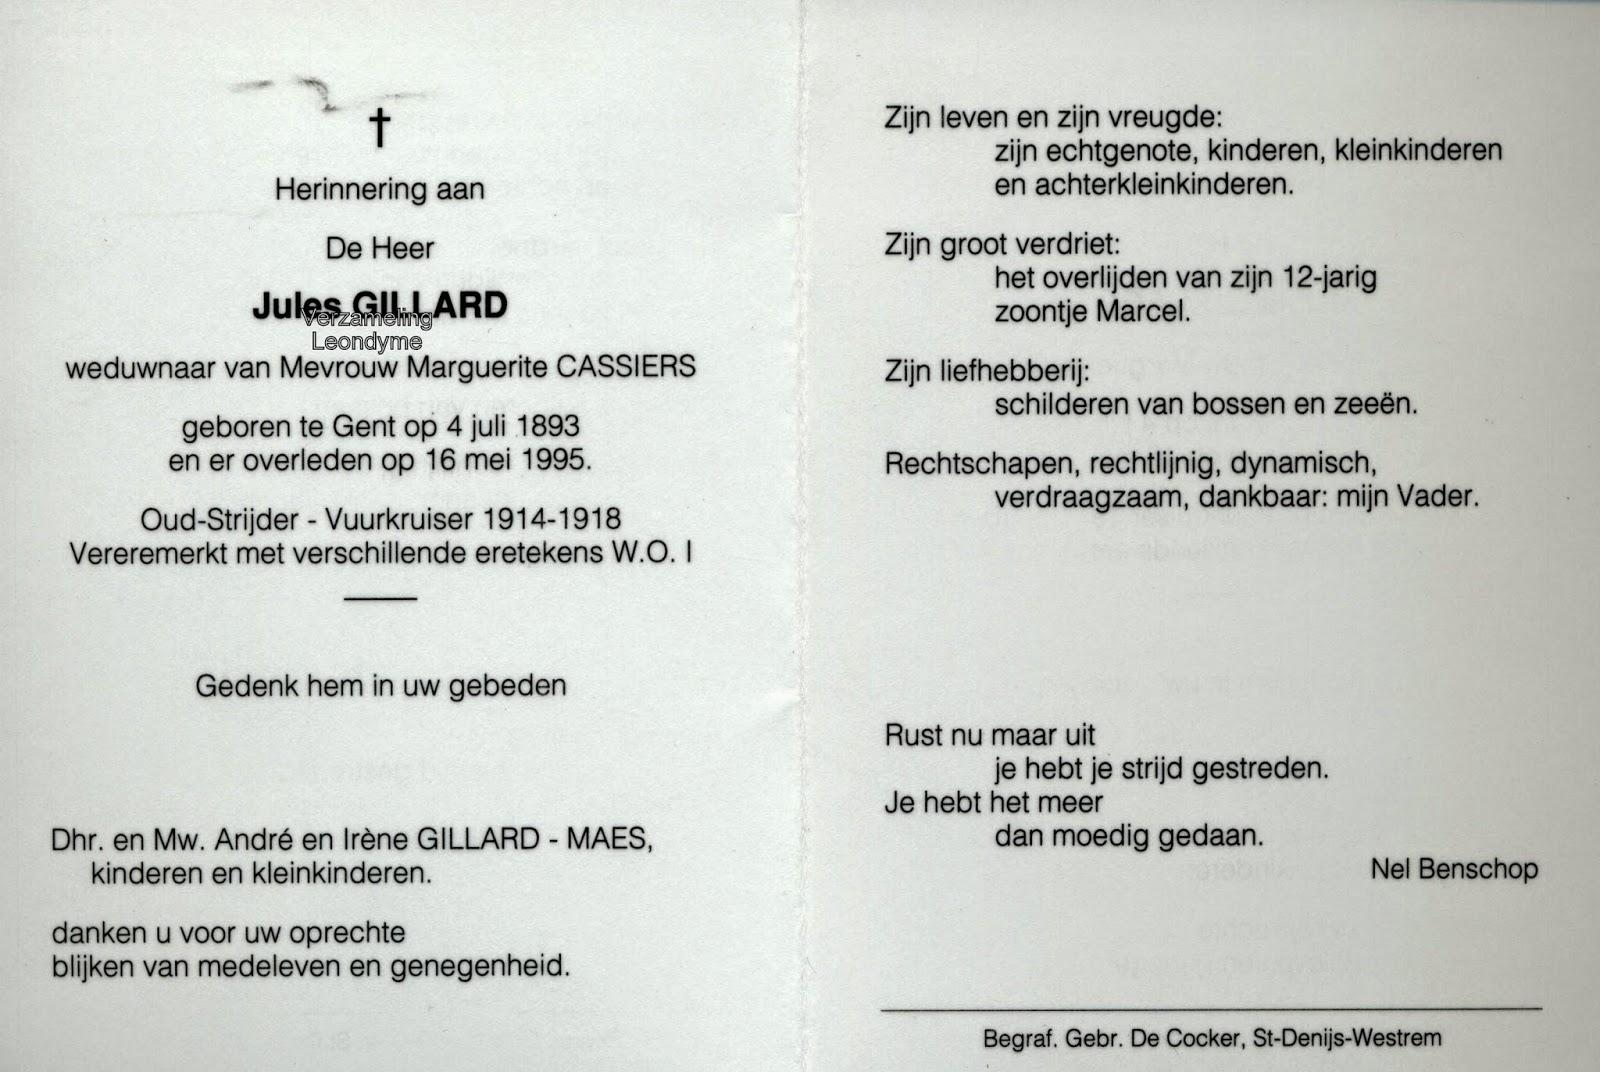 Bidprentje, Jules Gillard 1893-1995. Verzameling Leondyme